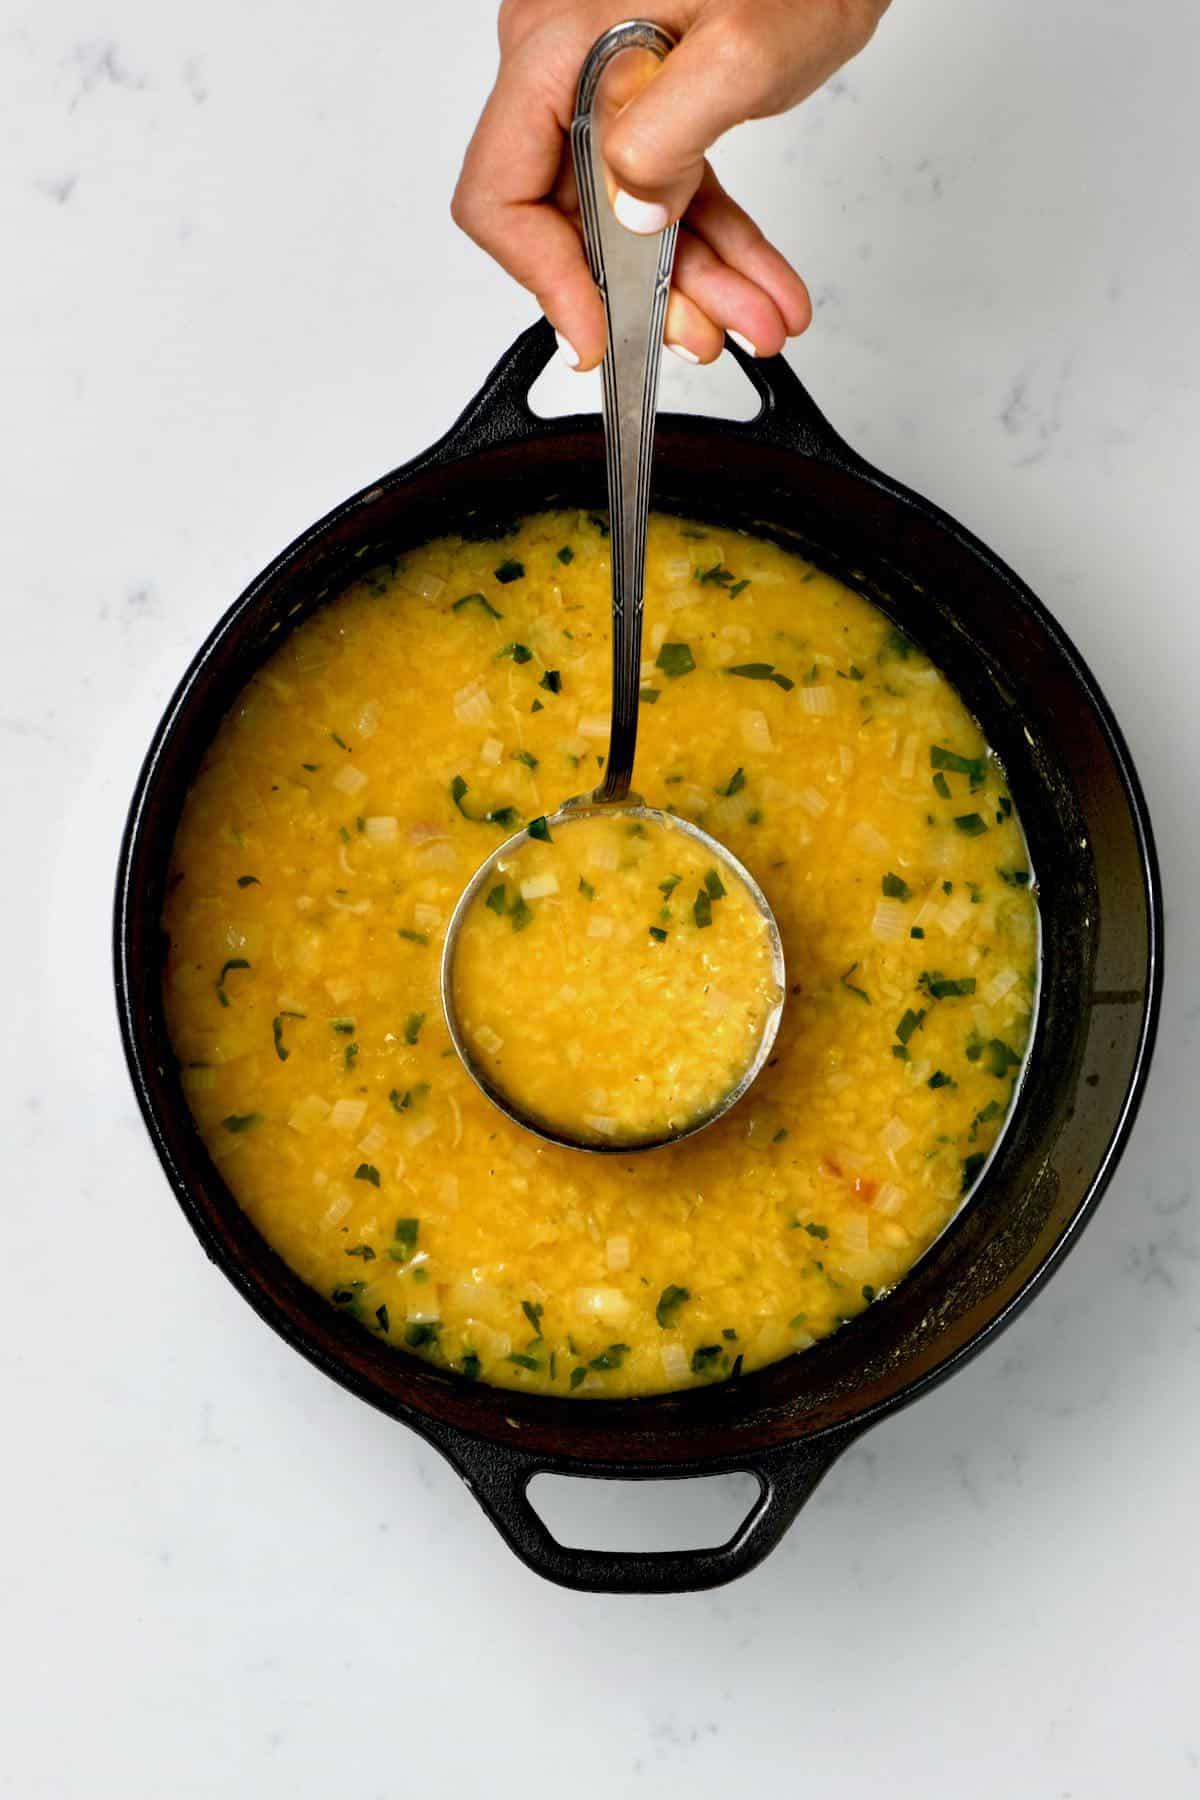 A ladle with lentil soup over a pan